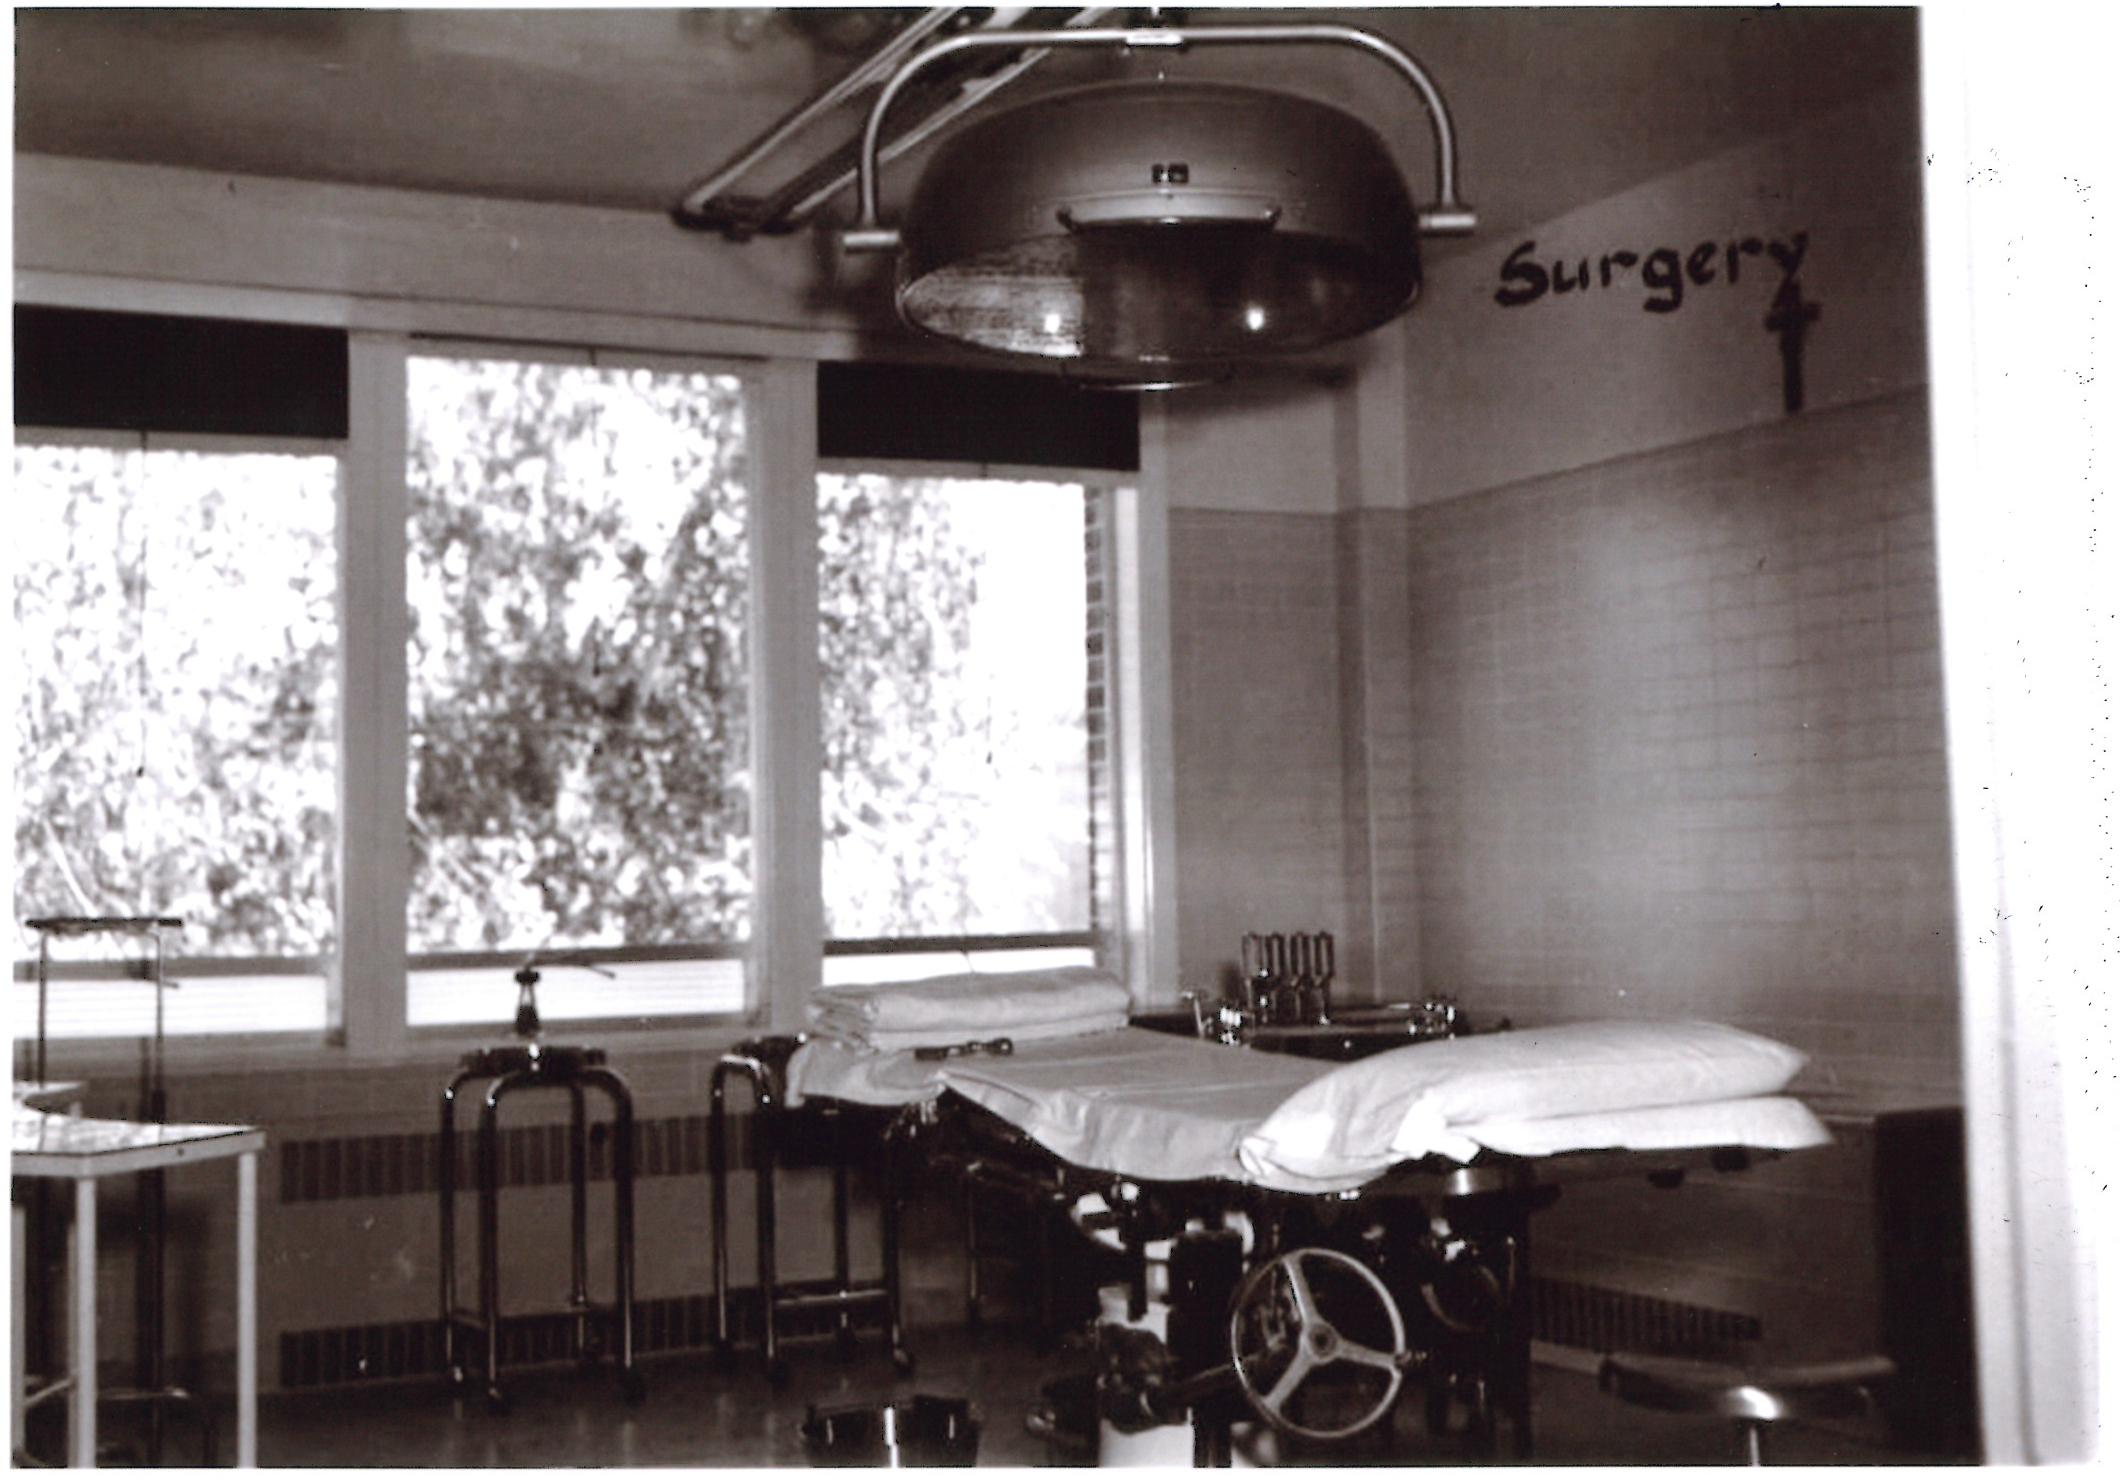 StMartins_Surgery1.jpg